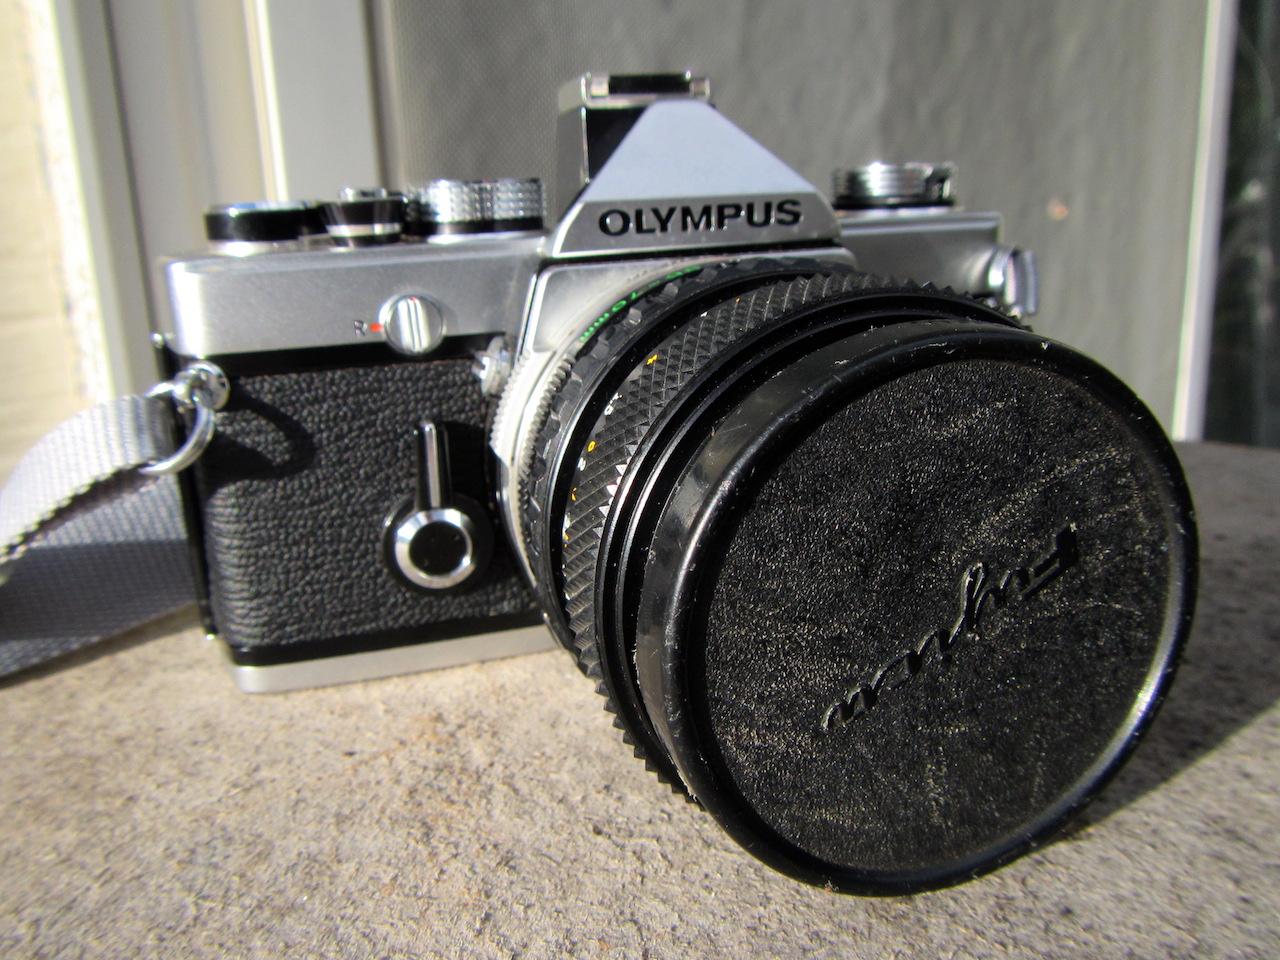 Olympus OM1n